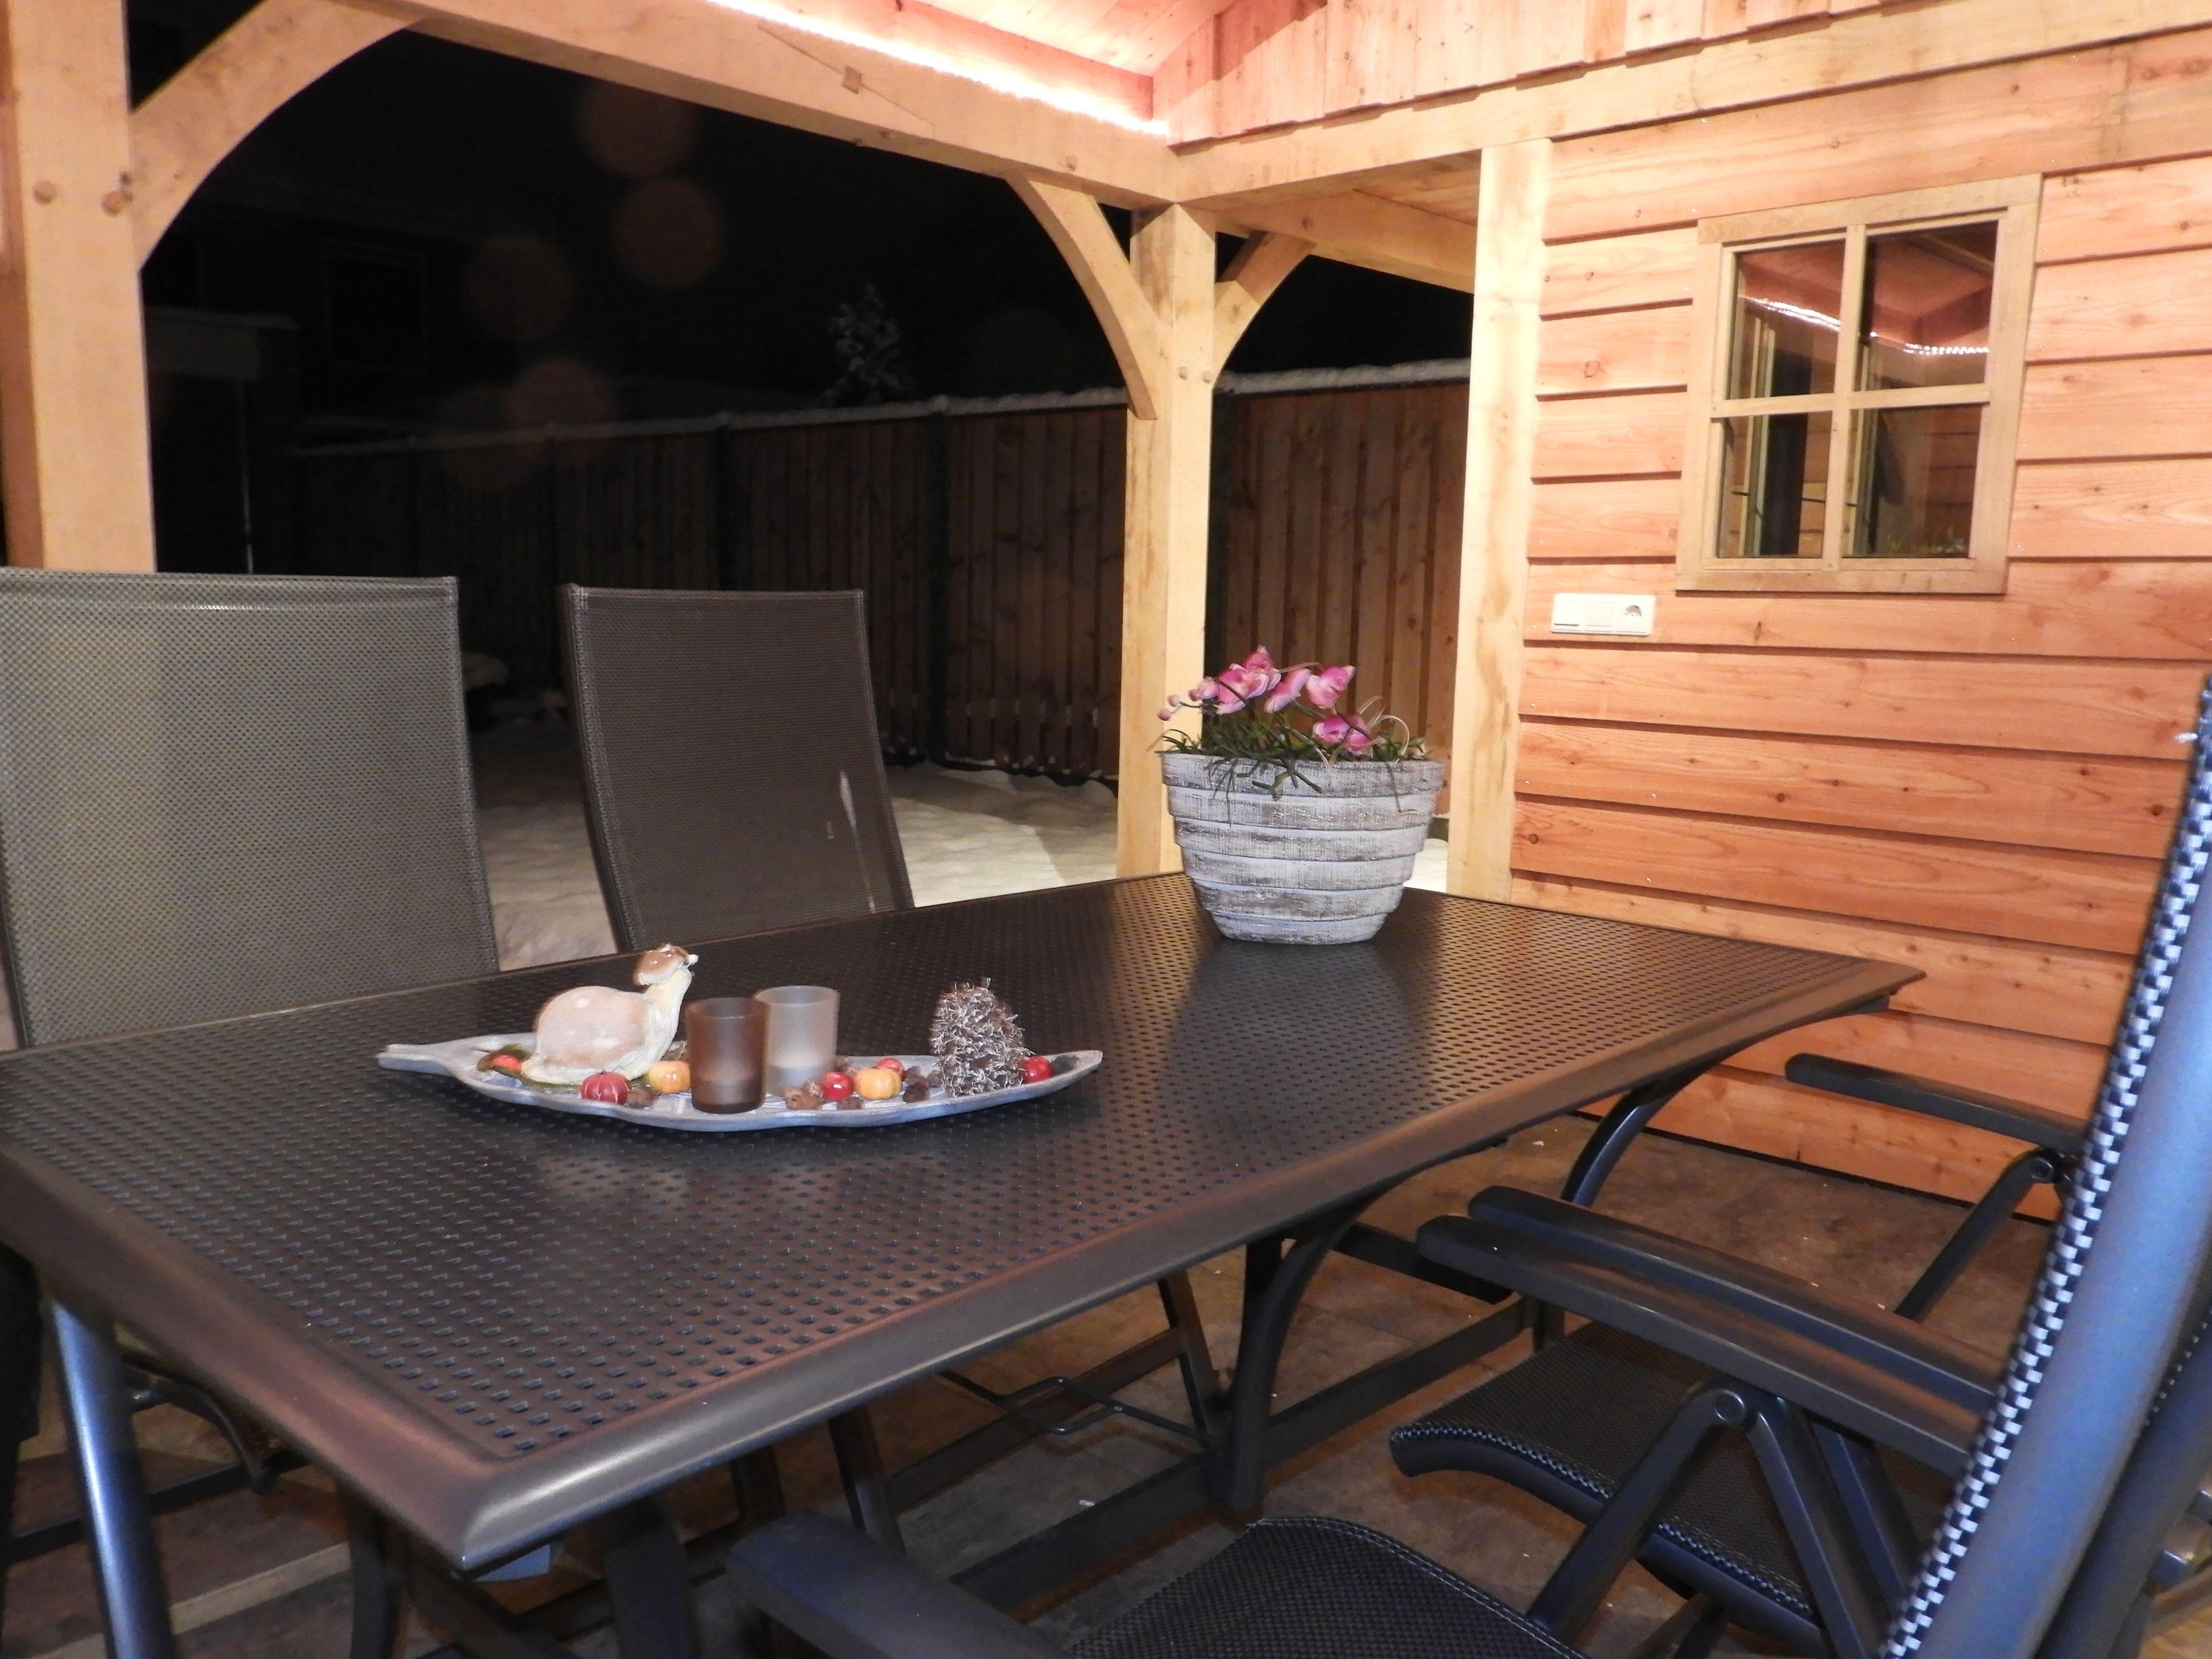 houten-tuinhuis-met-veranda-12-min - Project: Tuinhuis in winterse sfeer